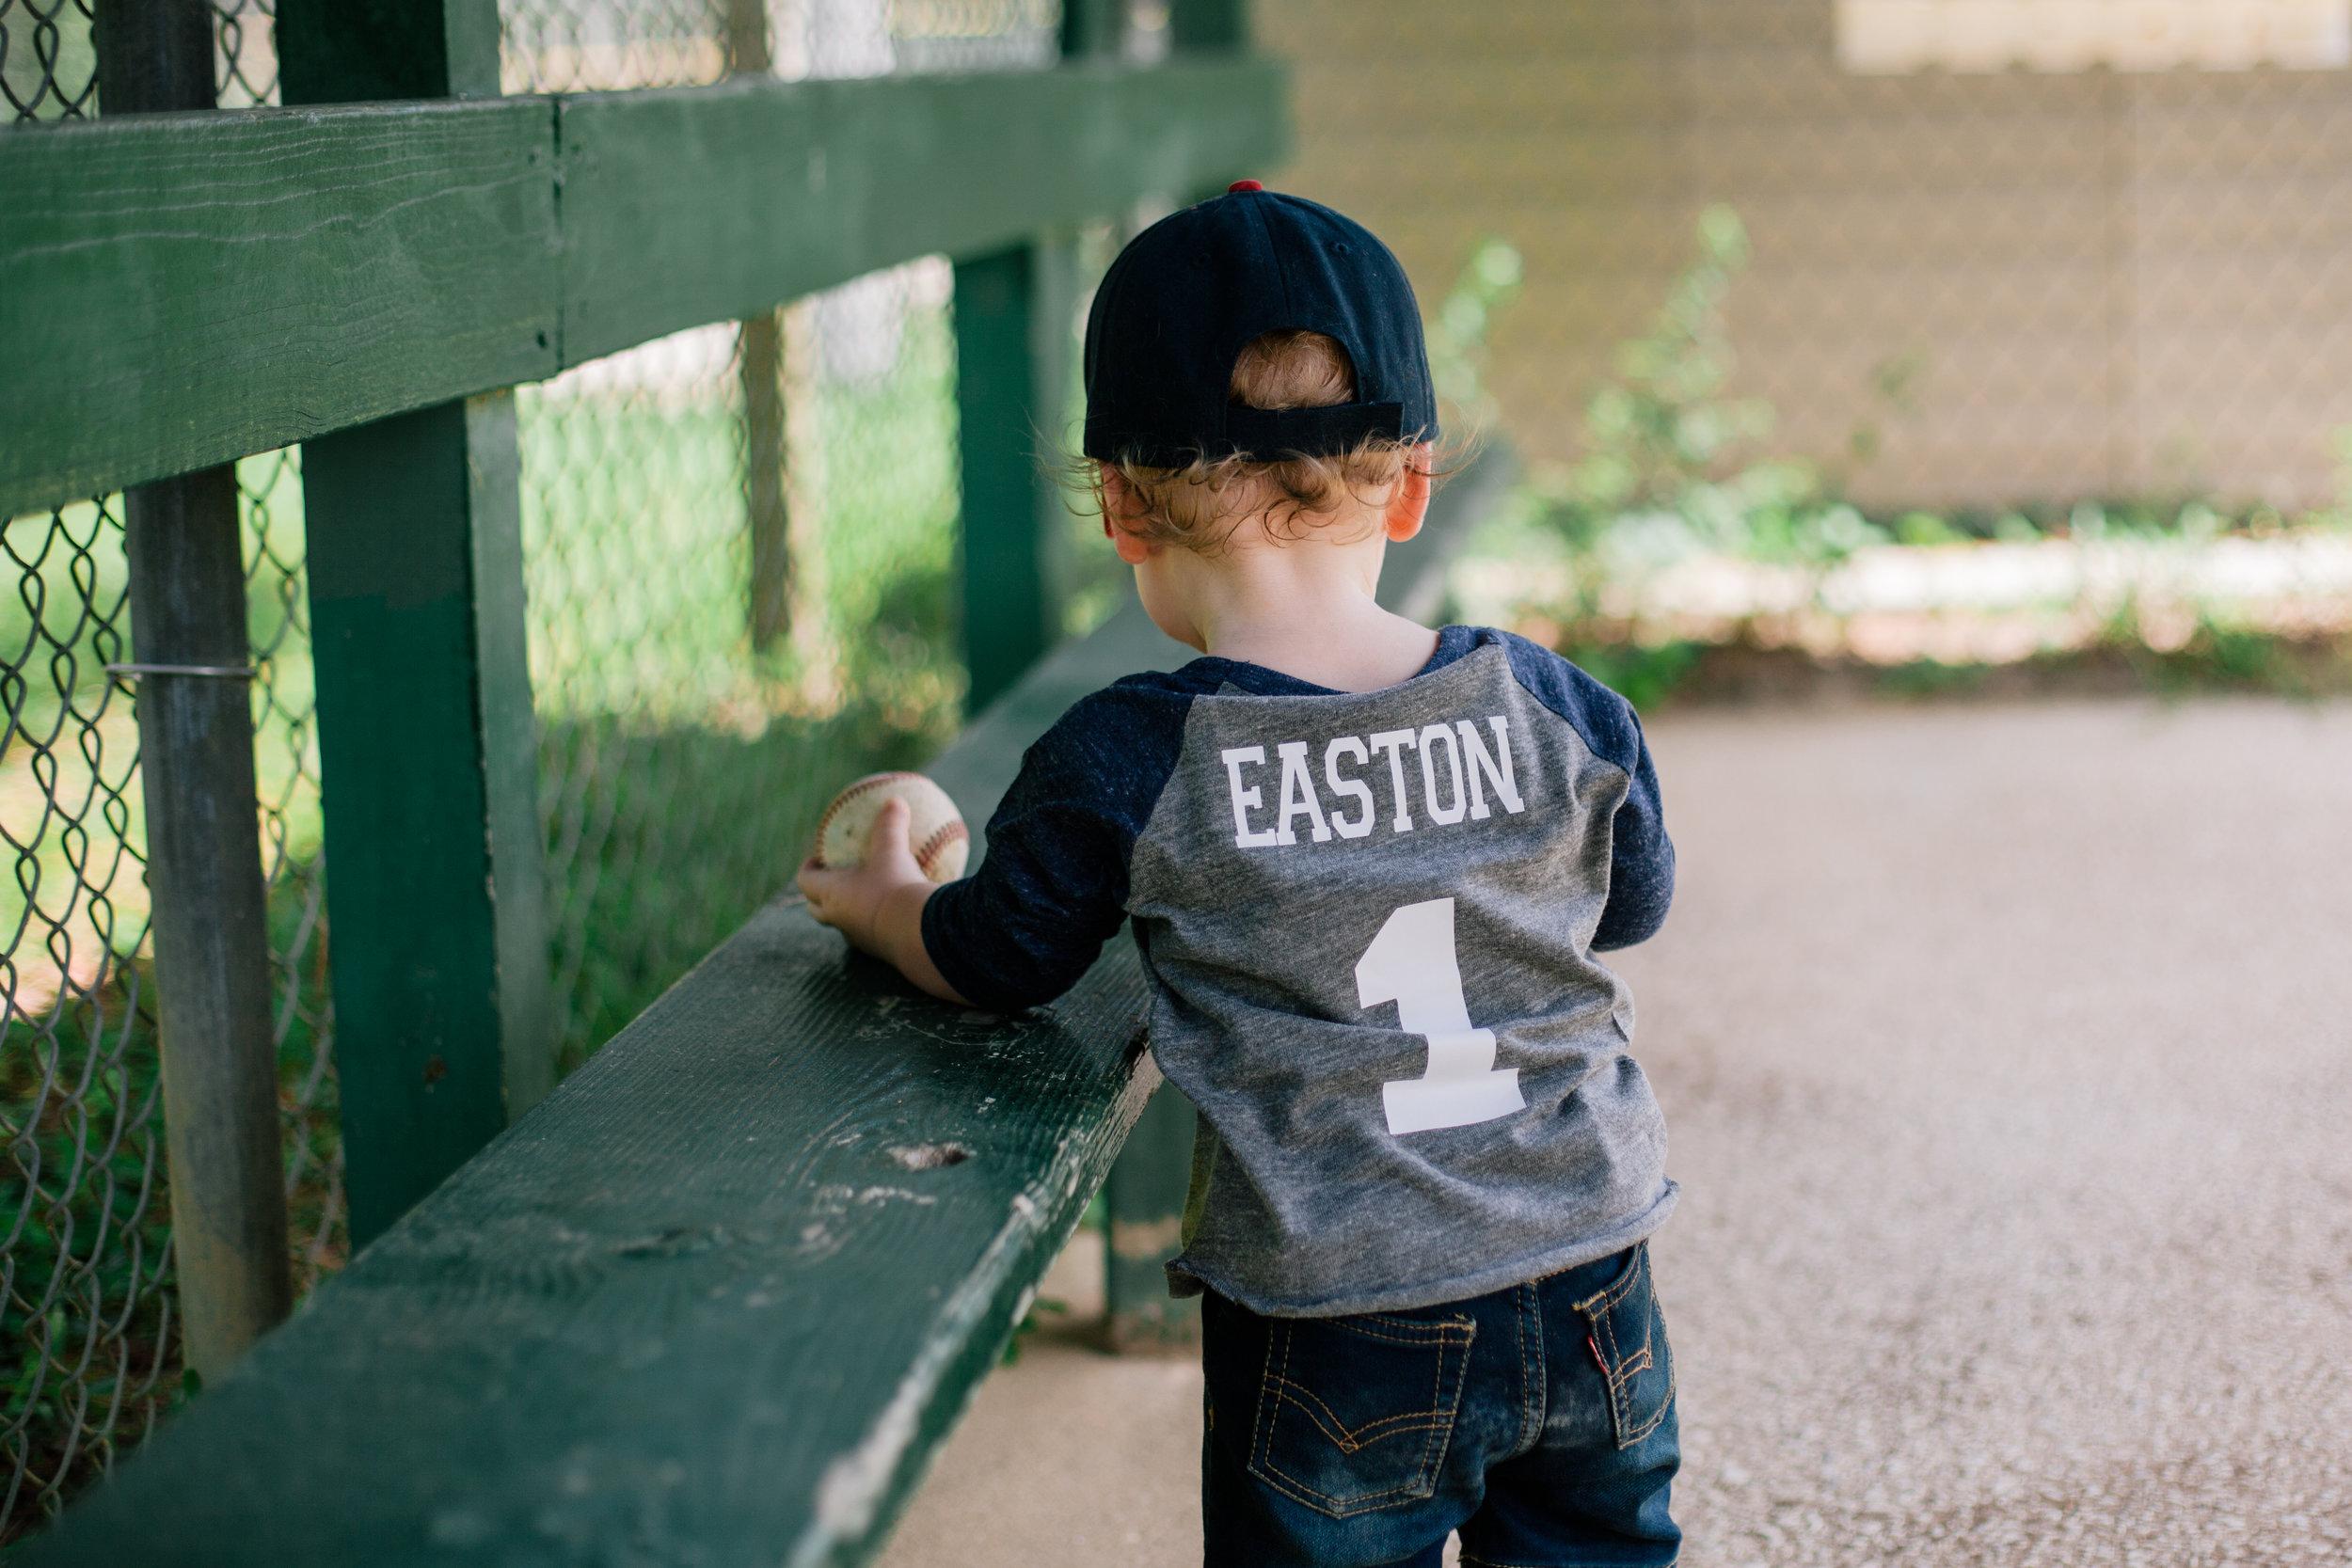 Easton1©KimAlexisStudiosLLC_Personal Printing Only-48.jpg